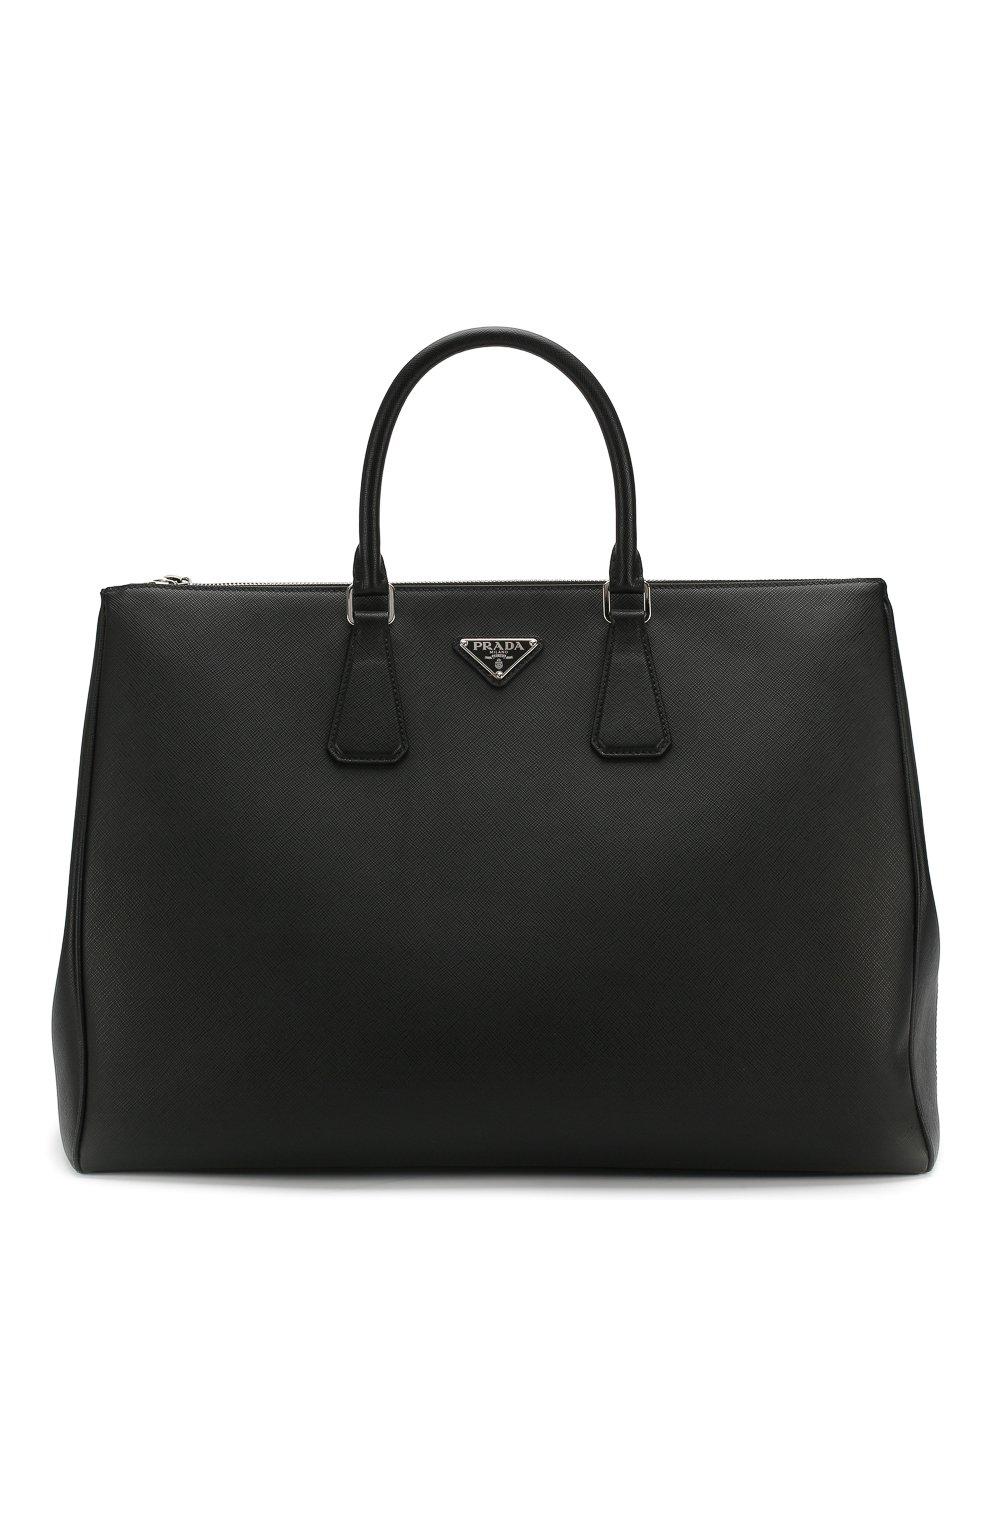 5b388248a307 Мужская черная кожаная дорожная сумка PRADA — купить за 184500 руб ...